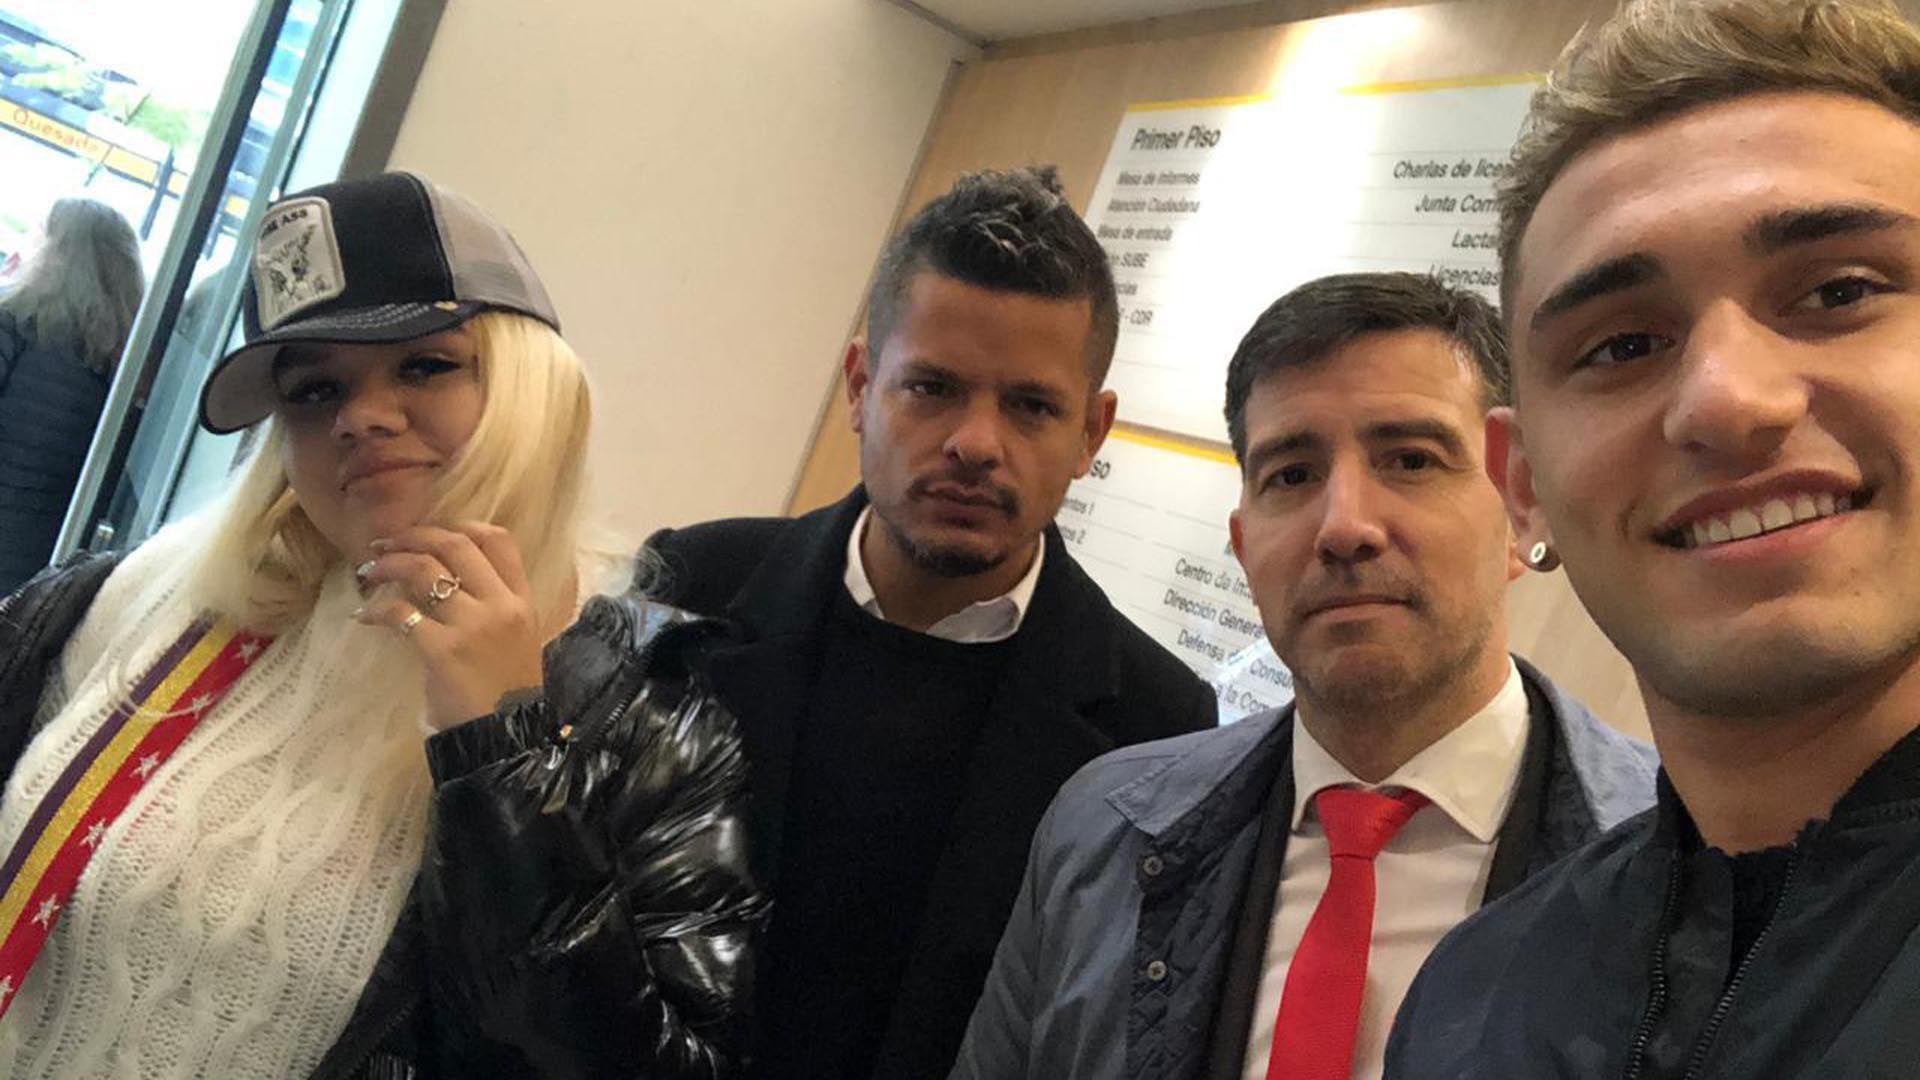 Morena Rial y Facundo Ambrosioni se tomaron se tomaron una selfie en el juzgado junto a sus respectivos abogados, Alejandro Cipolla (de ella) y Federico Albano (de él)